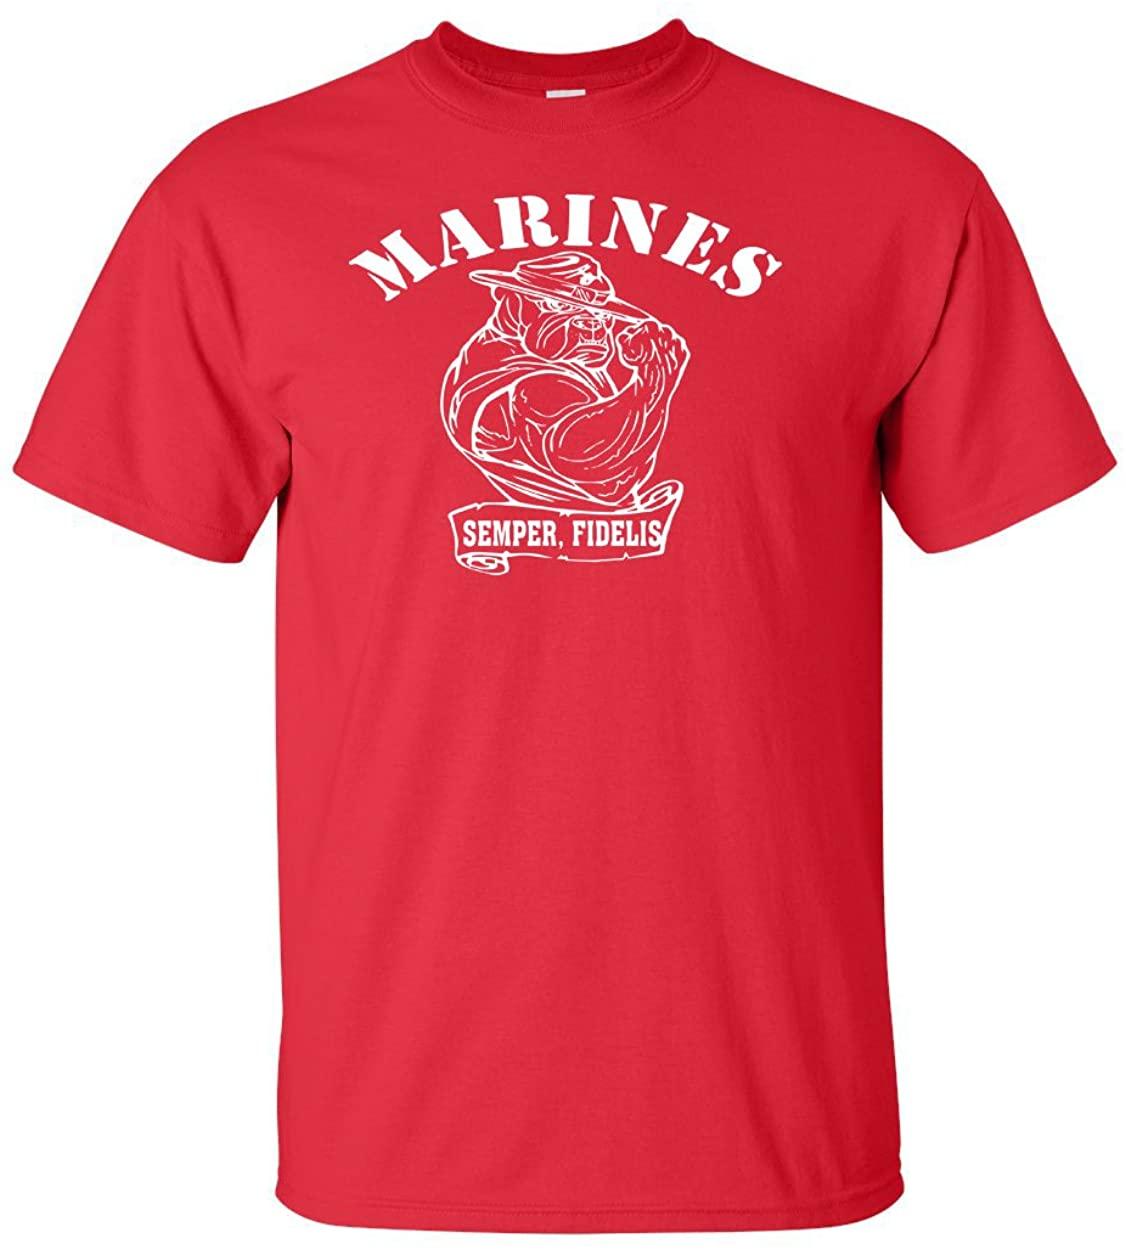 Variation BULL1TREDLLOGOZ of United States Marine T Shirt B00VC9XZNC 3390